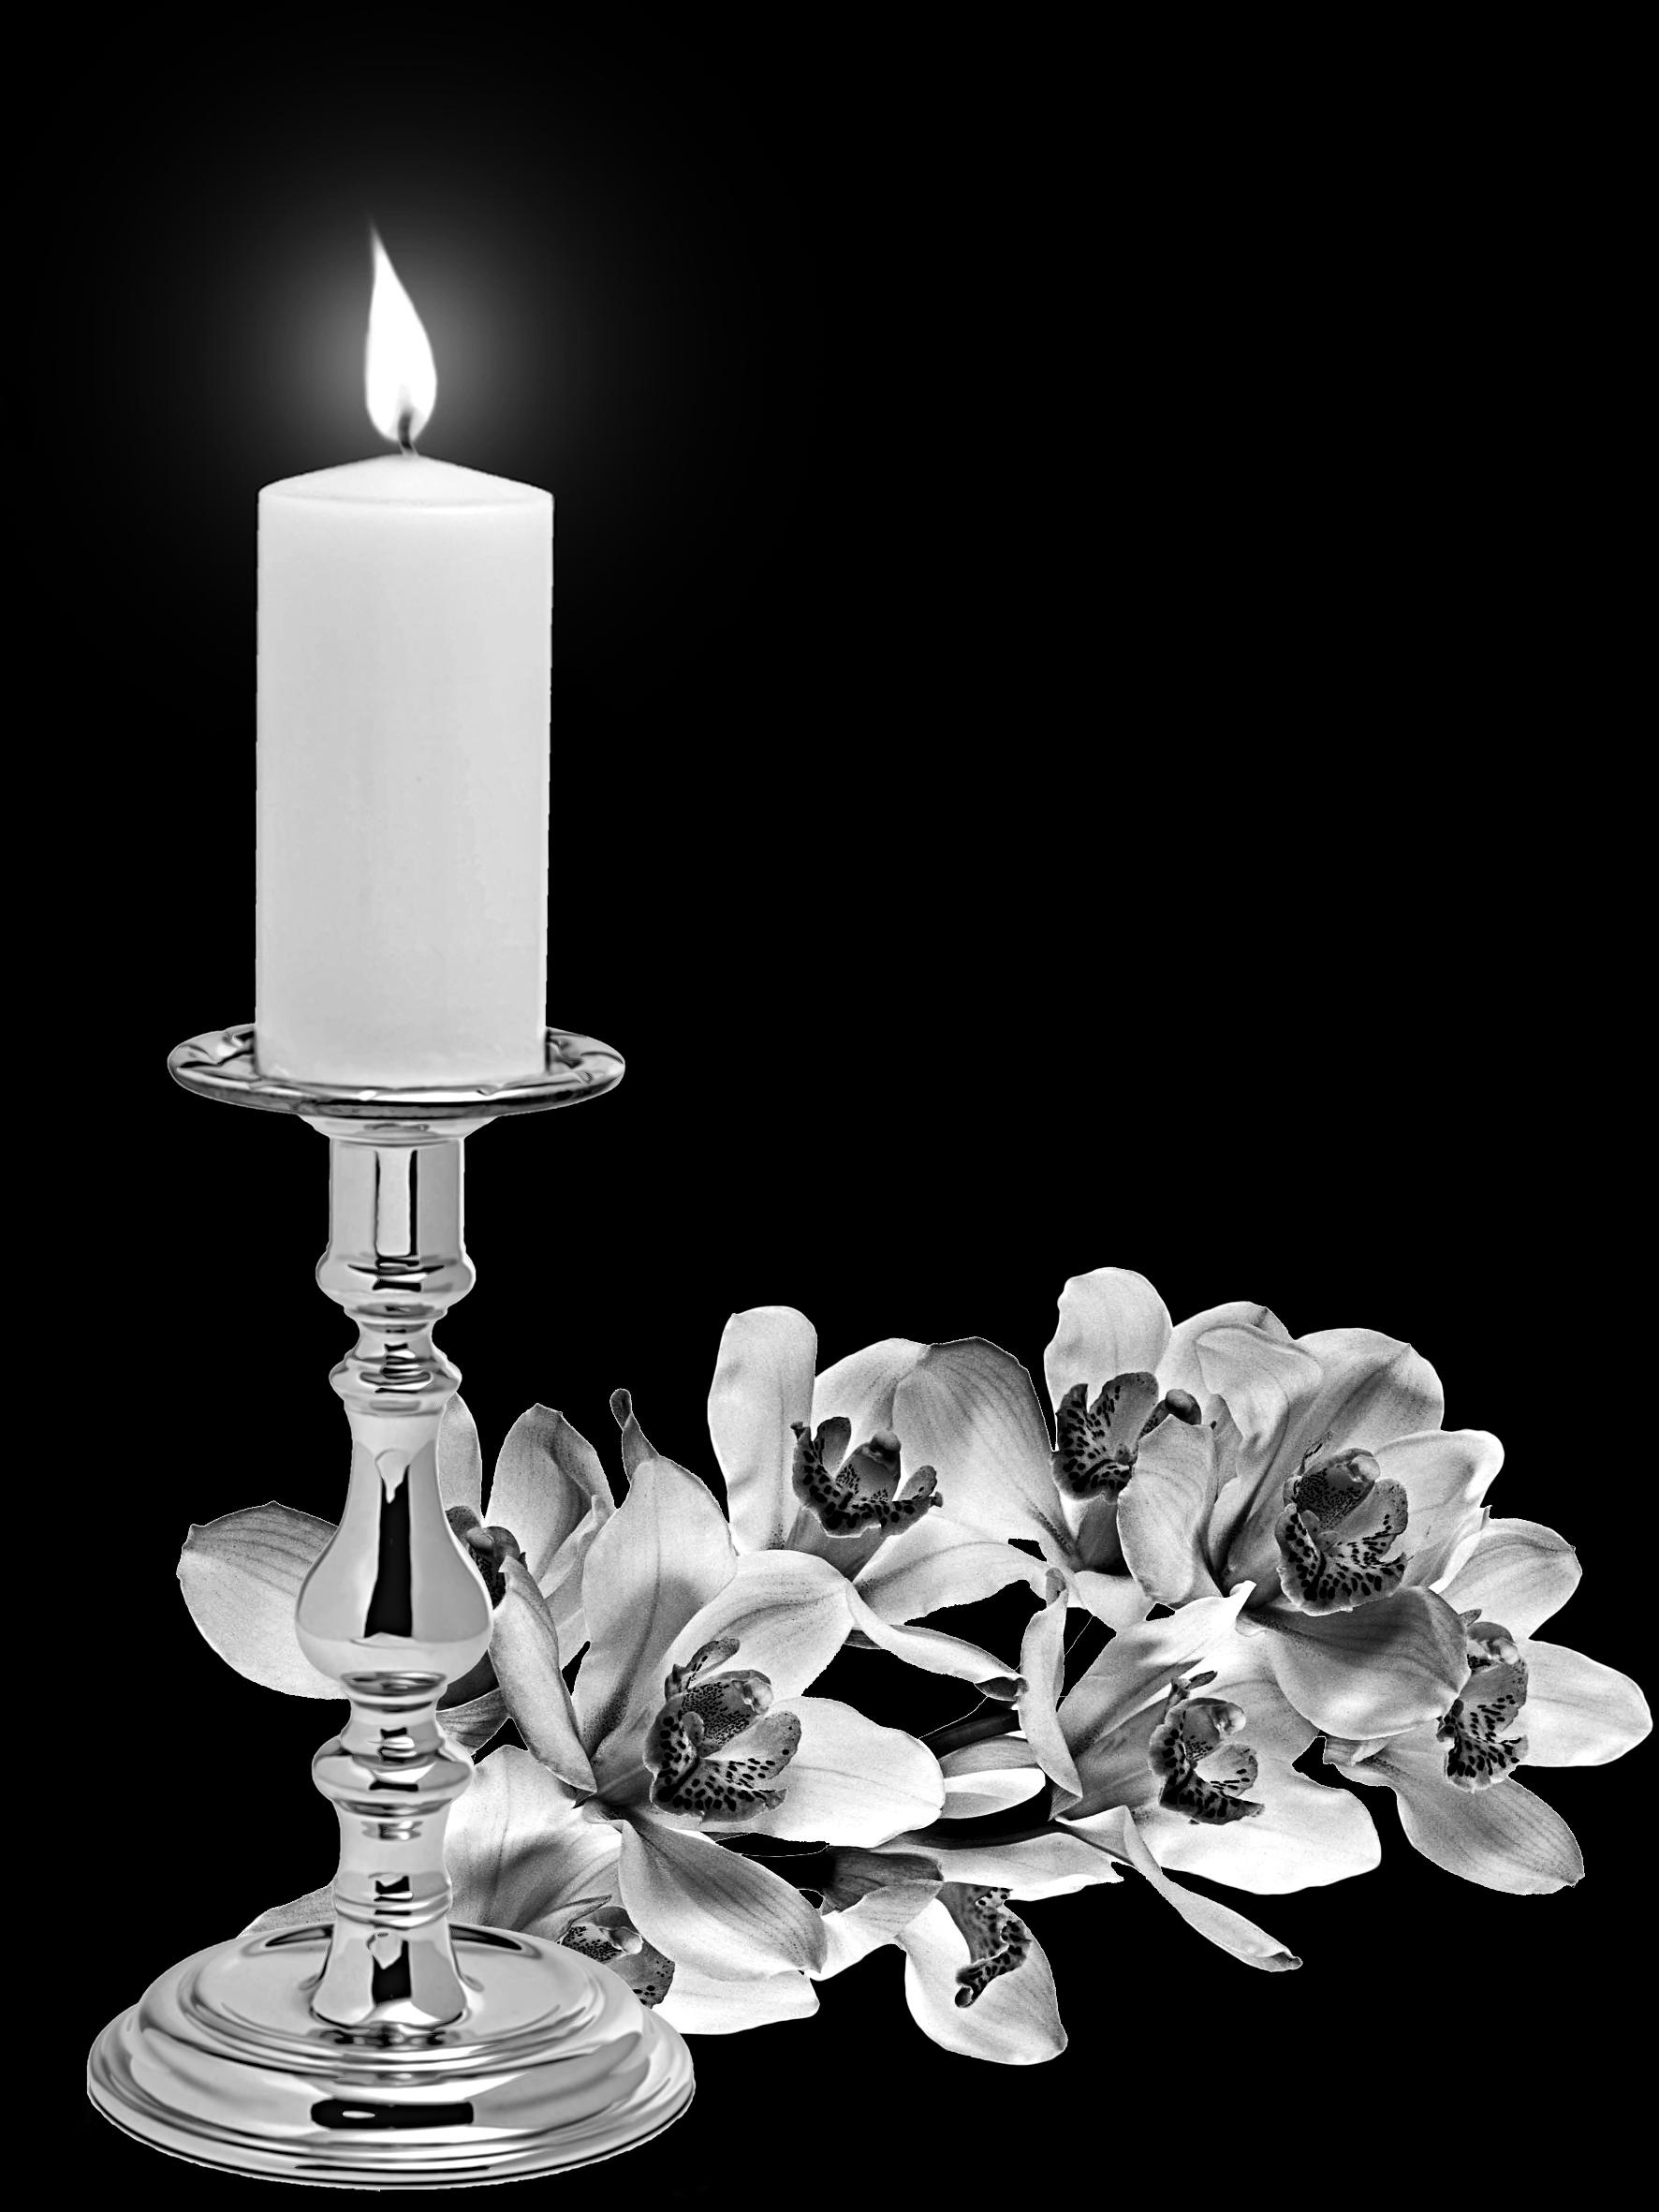 города цветы и свеча на памятник фото вид это обычный